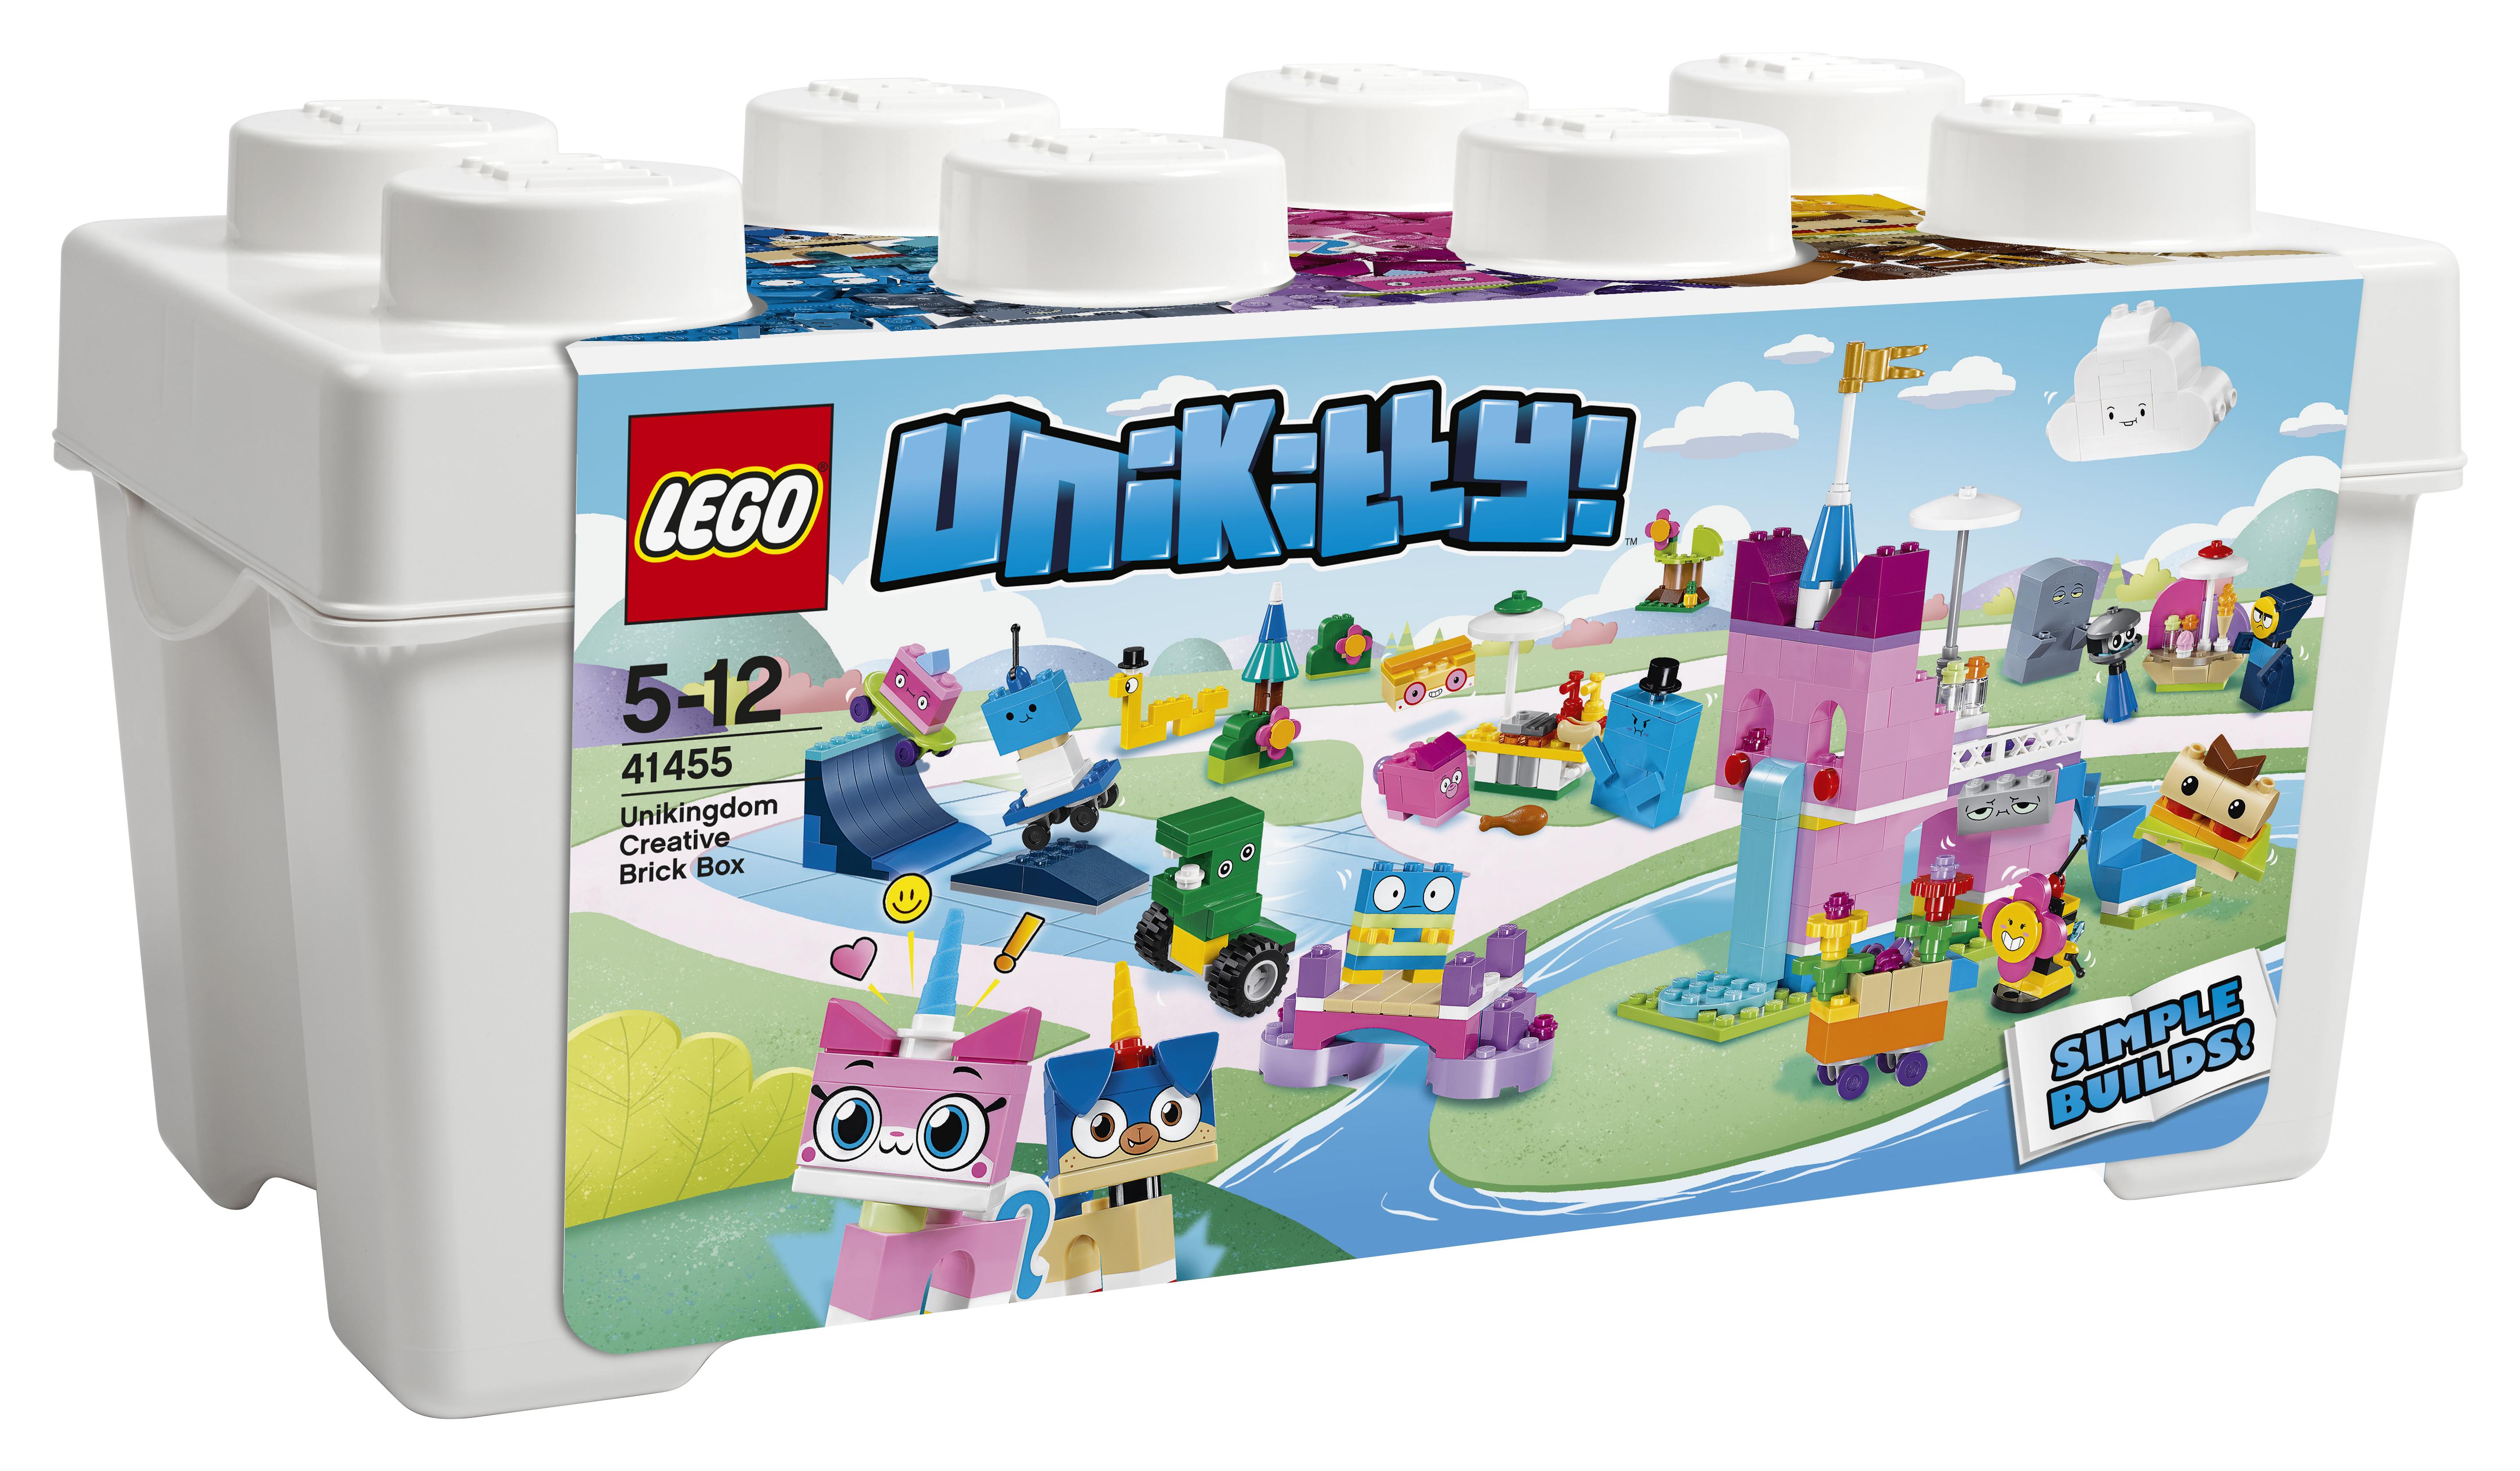 LEGO LEGO Unikitty 41455 Коробка кубиков для творческого конструирования Королевство конструктор lego дупло набор деталей для творческого конструирования